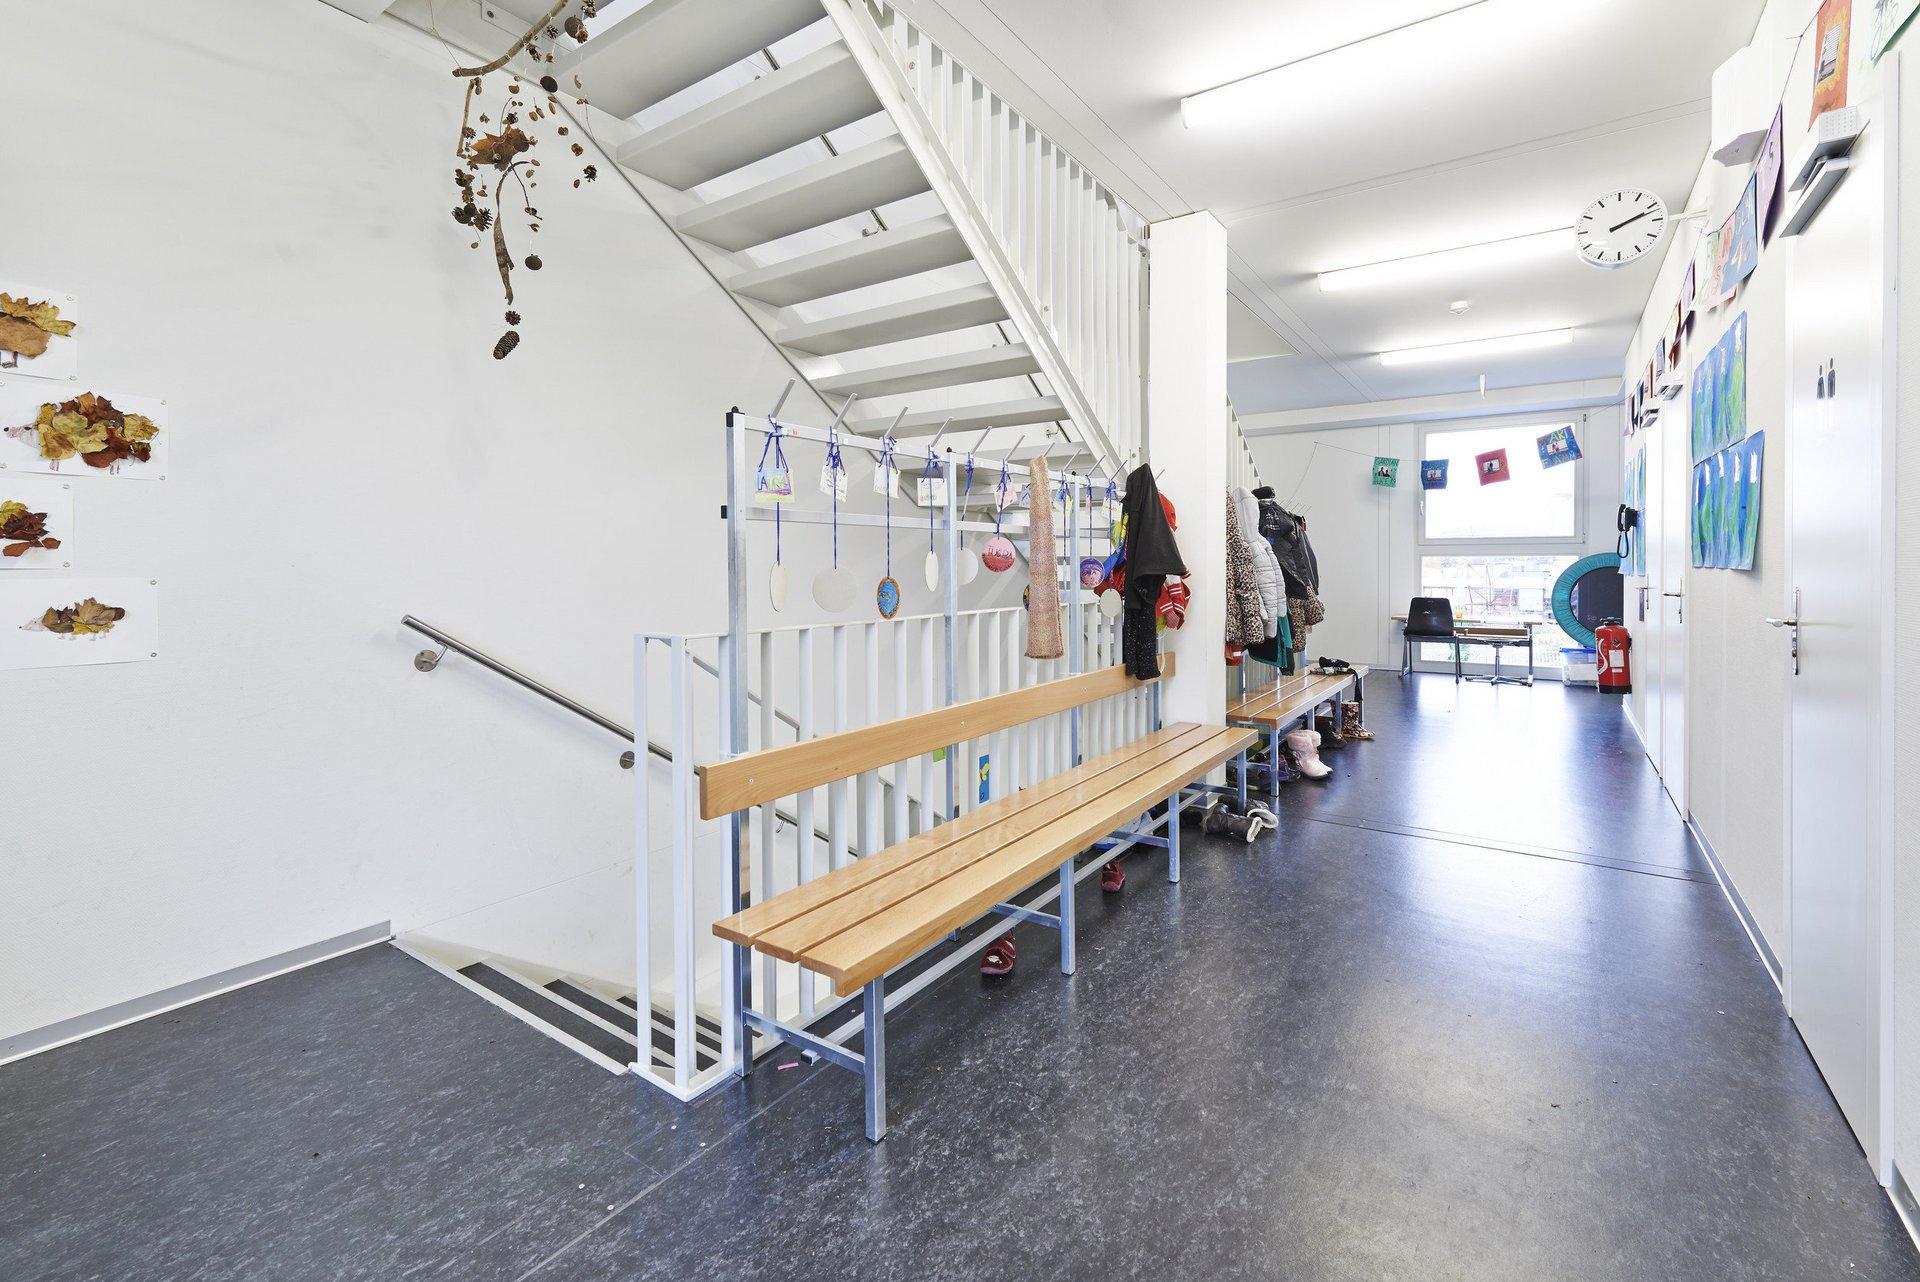 Flur und Treppenhaus im Schulgebäude in heller und schlichter Atmosphäre